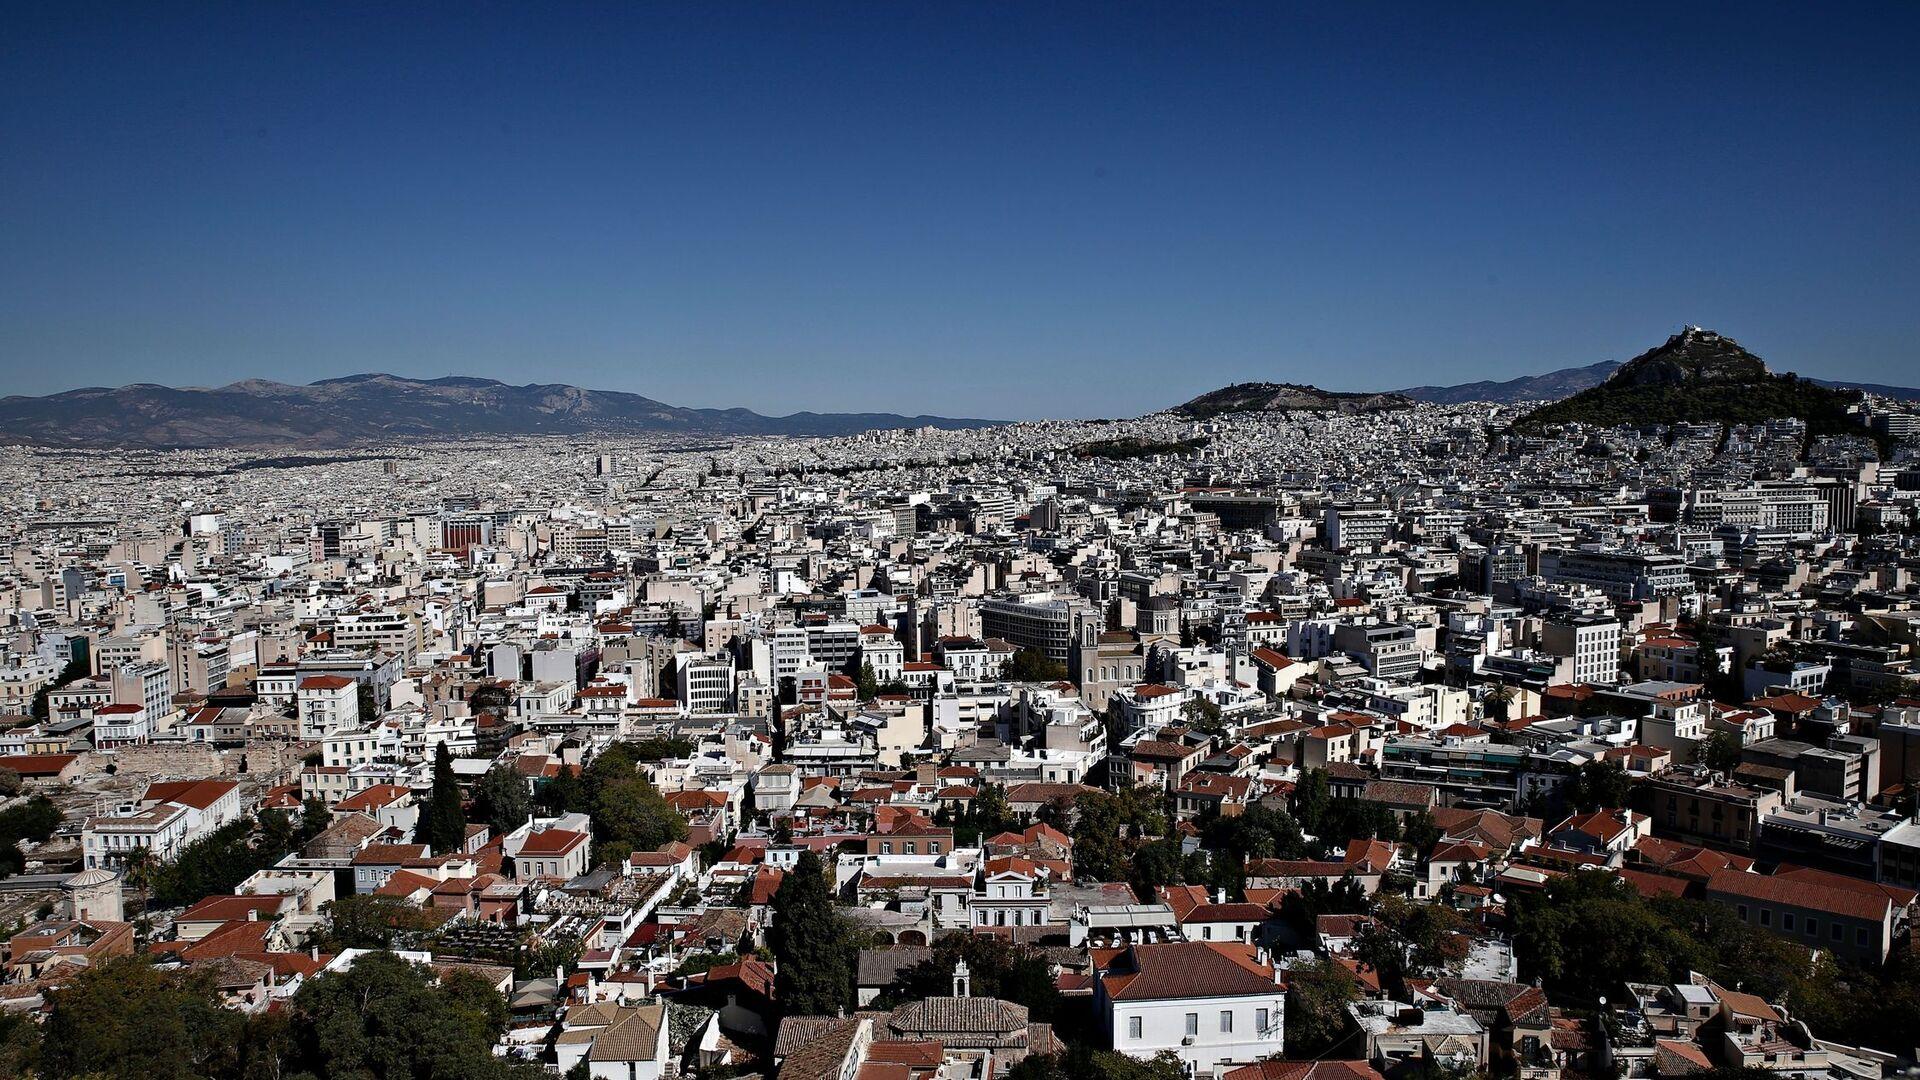 Ακίνητα. - Sputnik Ελλάδα, 1920, 07.09.2021